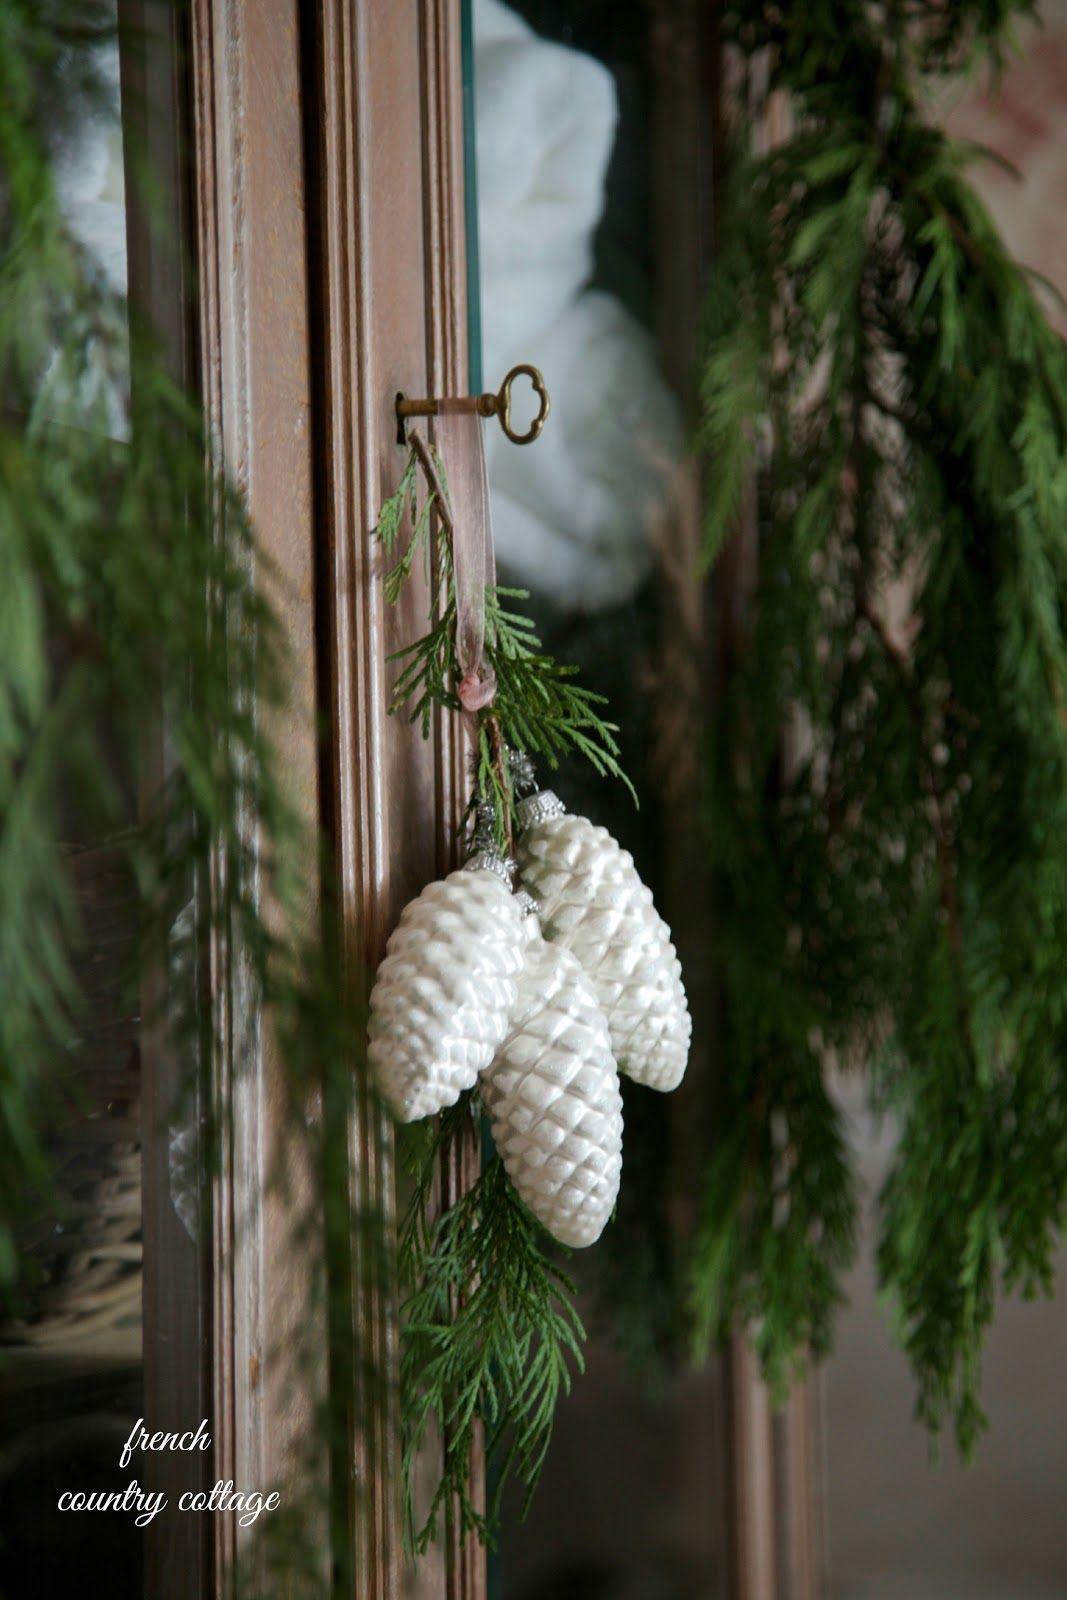 french country cottage french country cottage christmas home tour